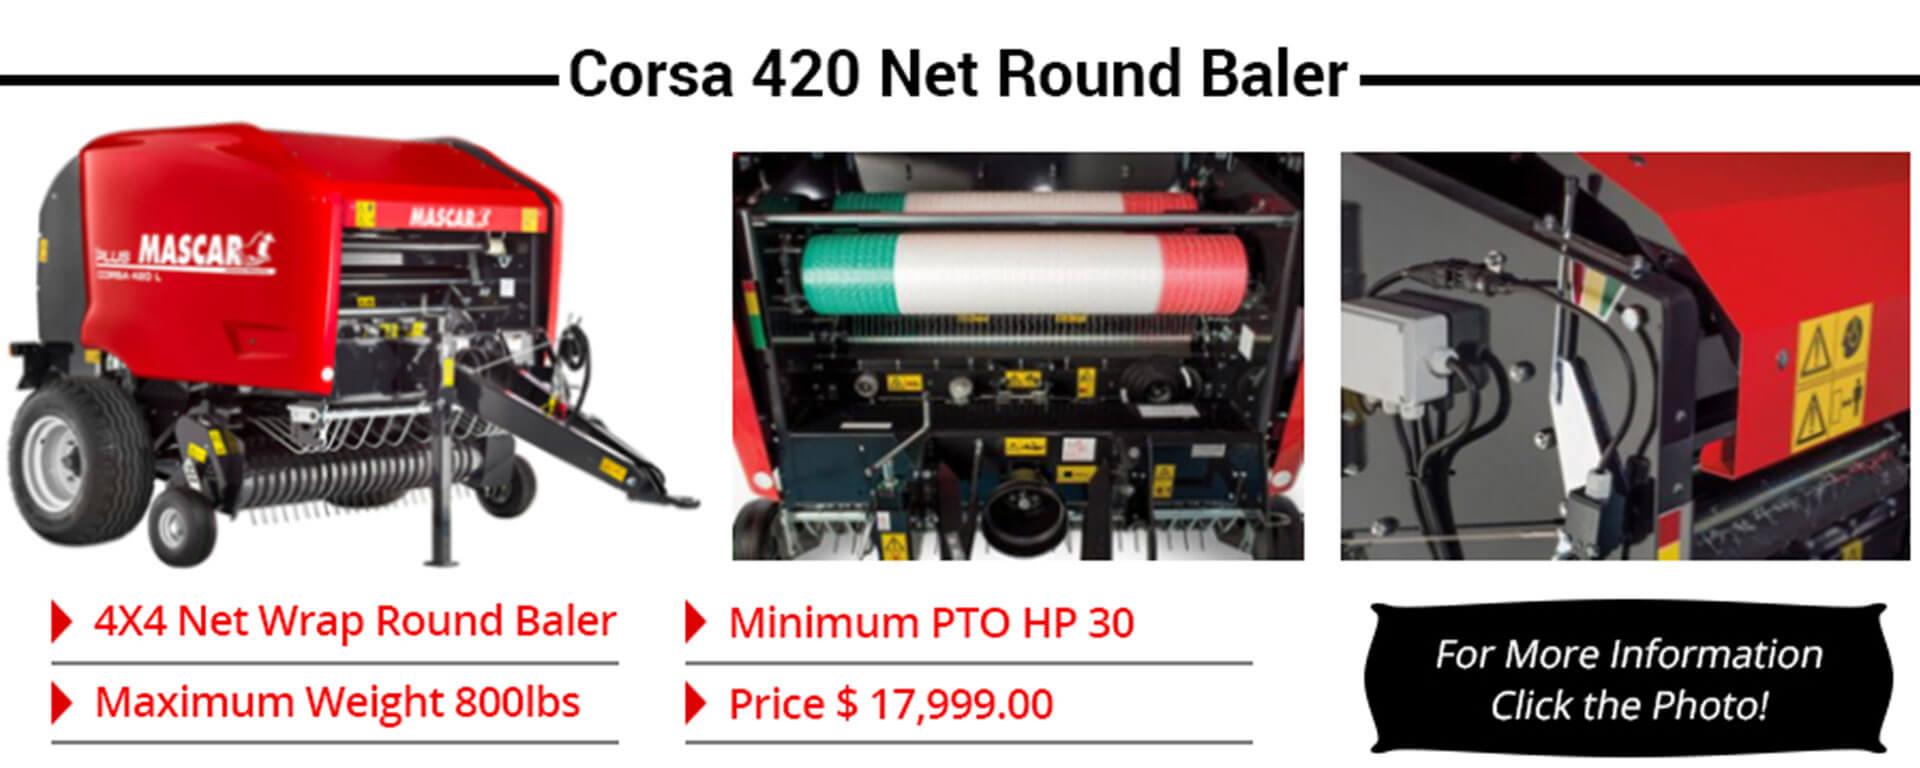 corsa 420 net round baler banner